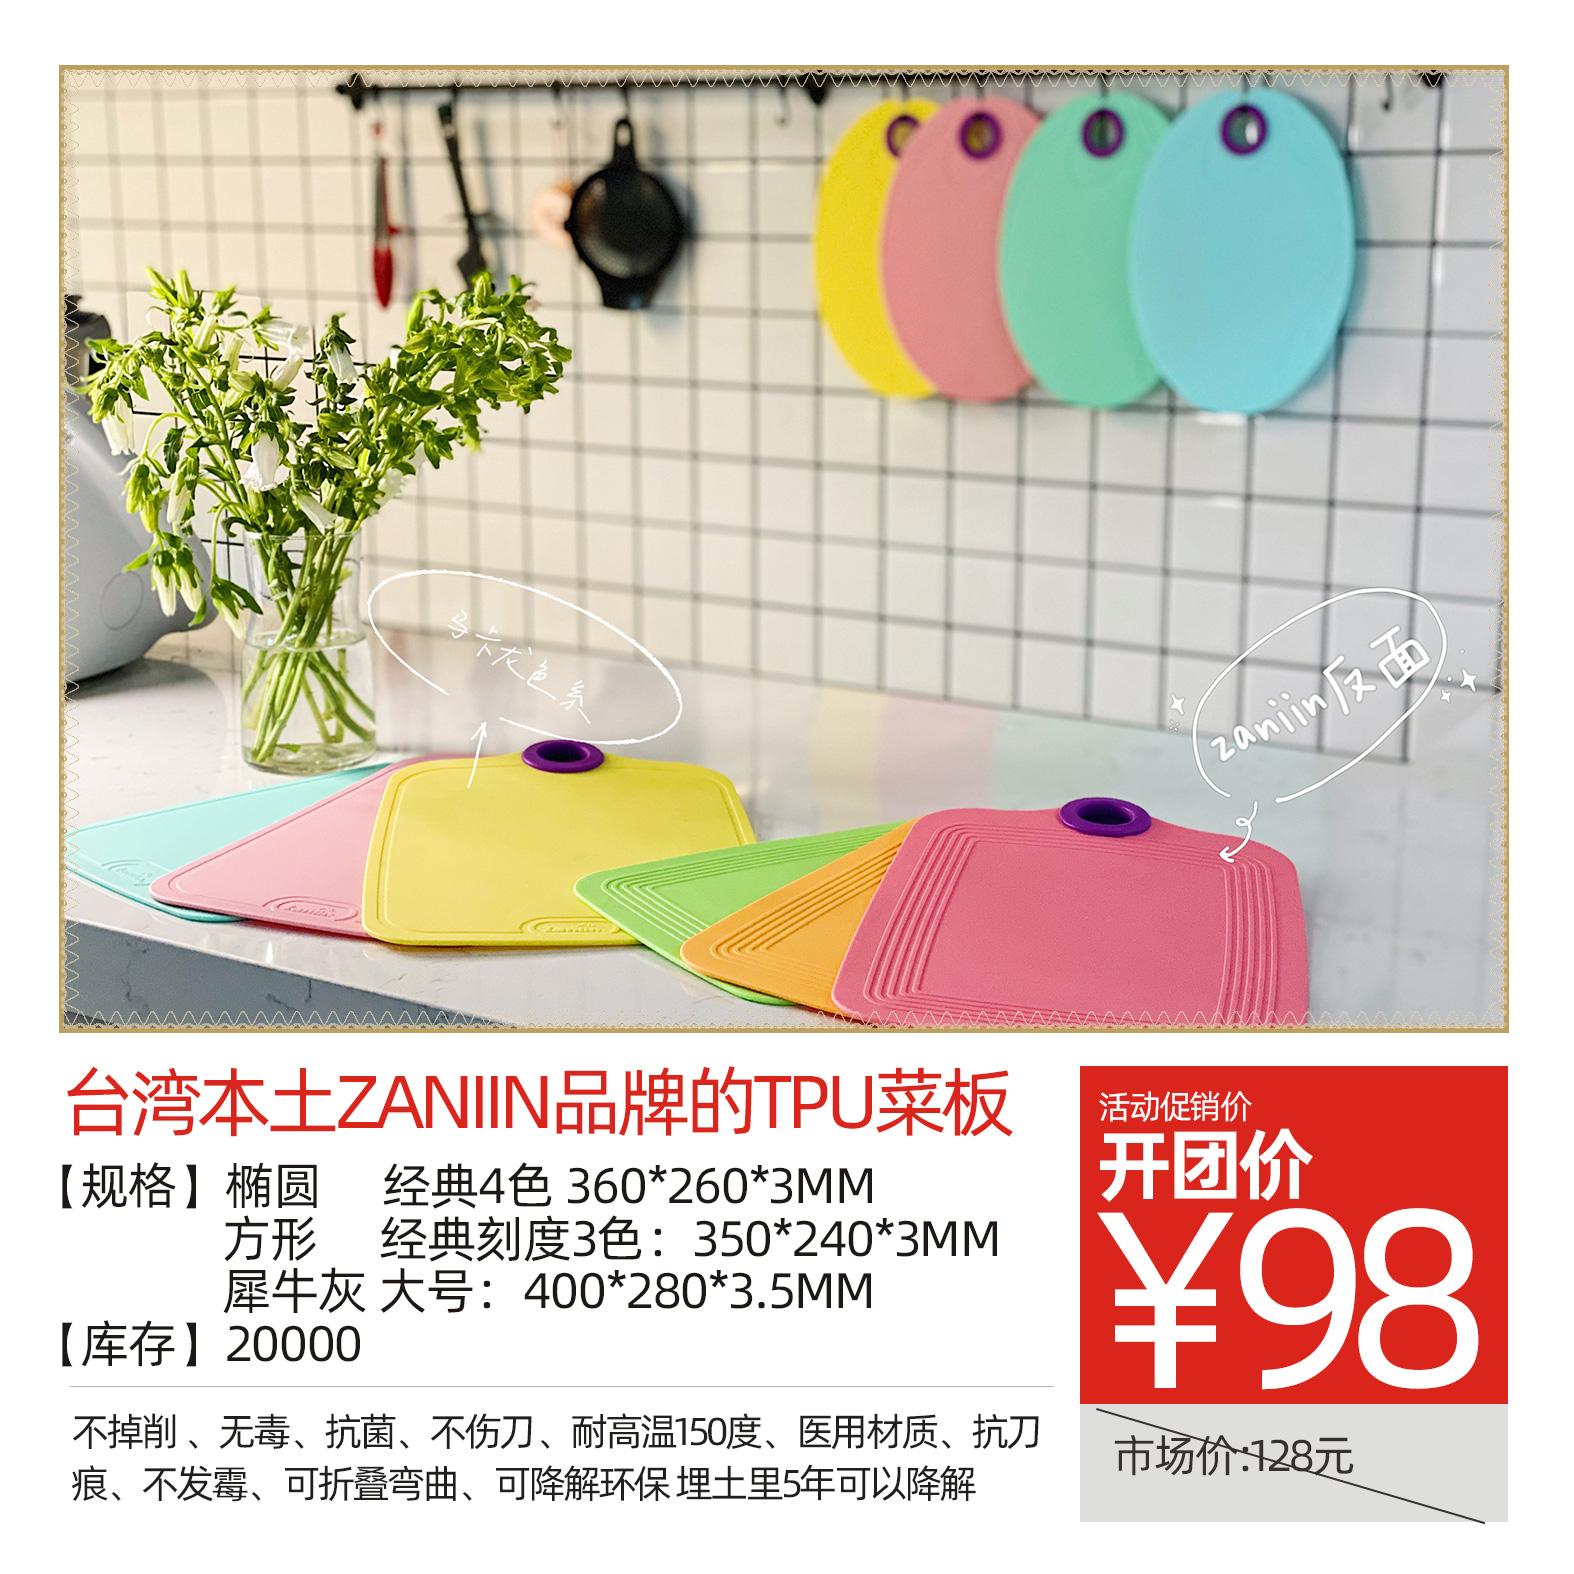 台湾本土zaniin品牌的TPU菜板